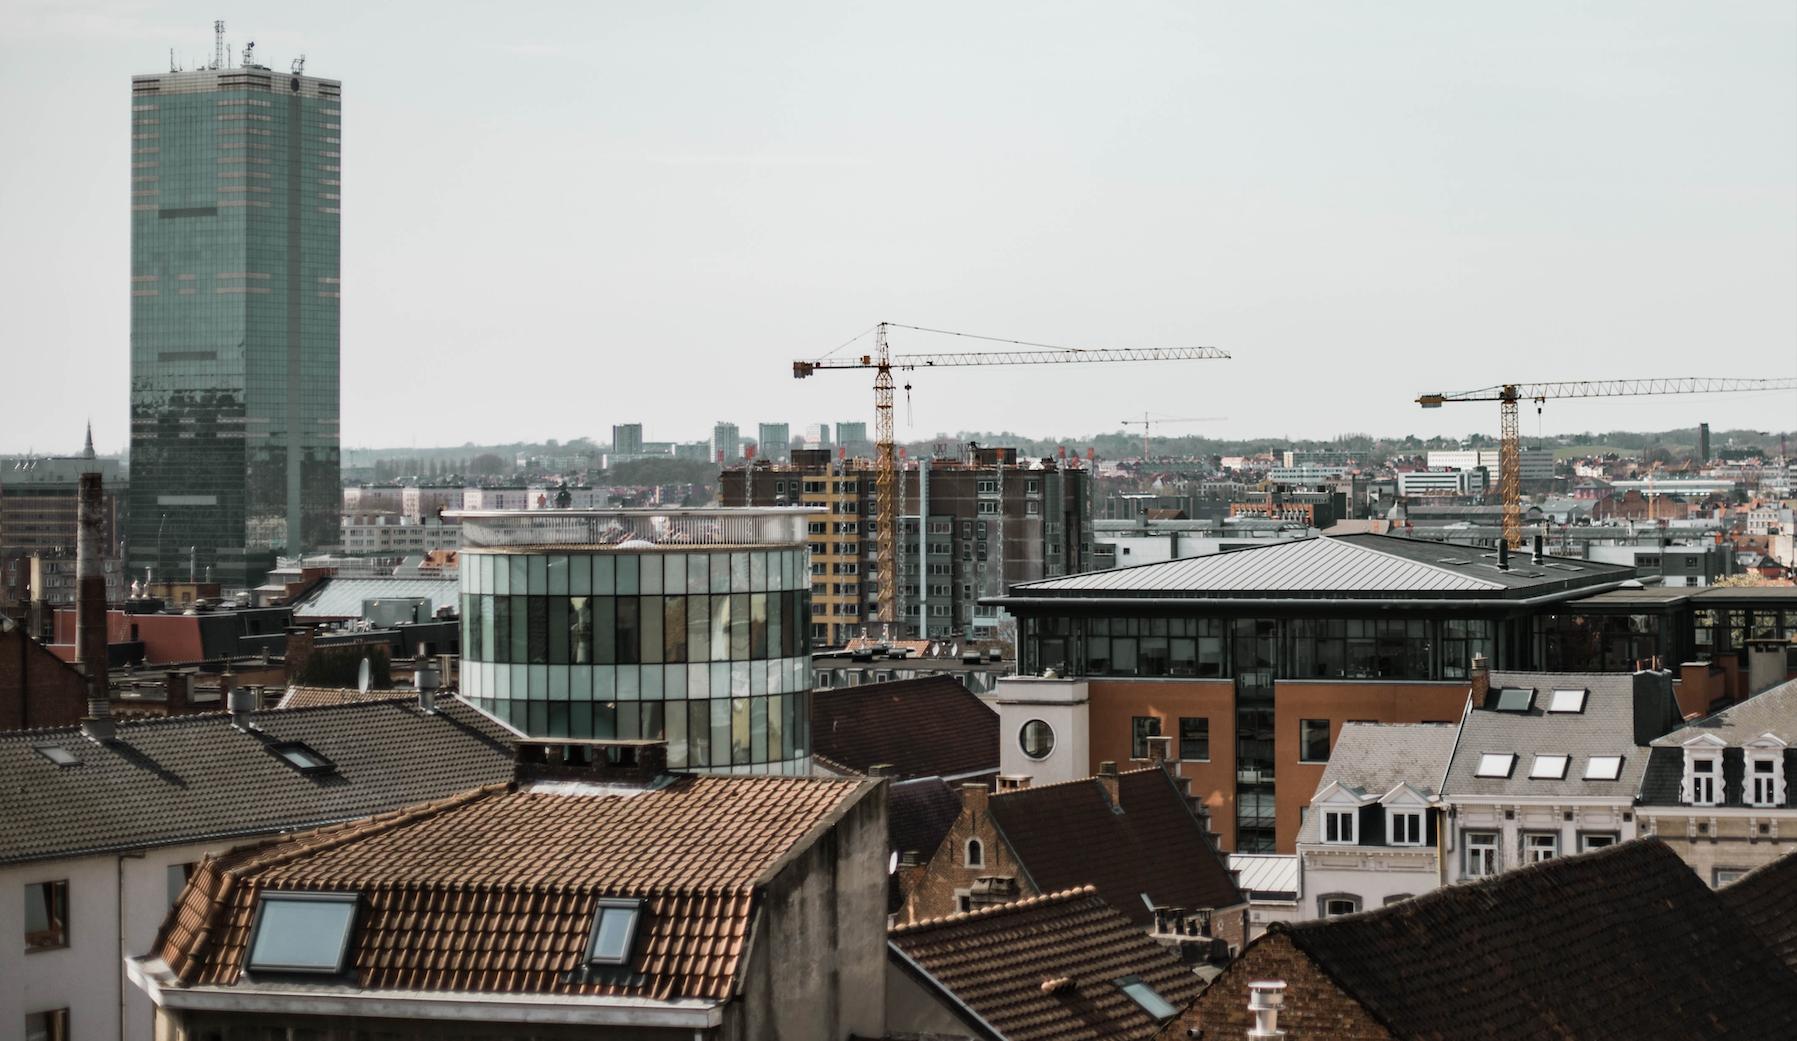 La transition écologique, économique et solidaire au cœur du plan de redéploiement bruxellois